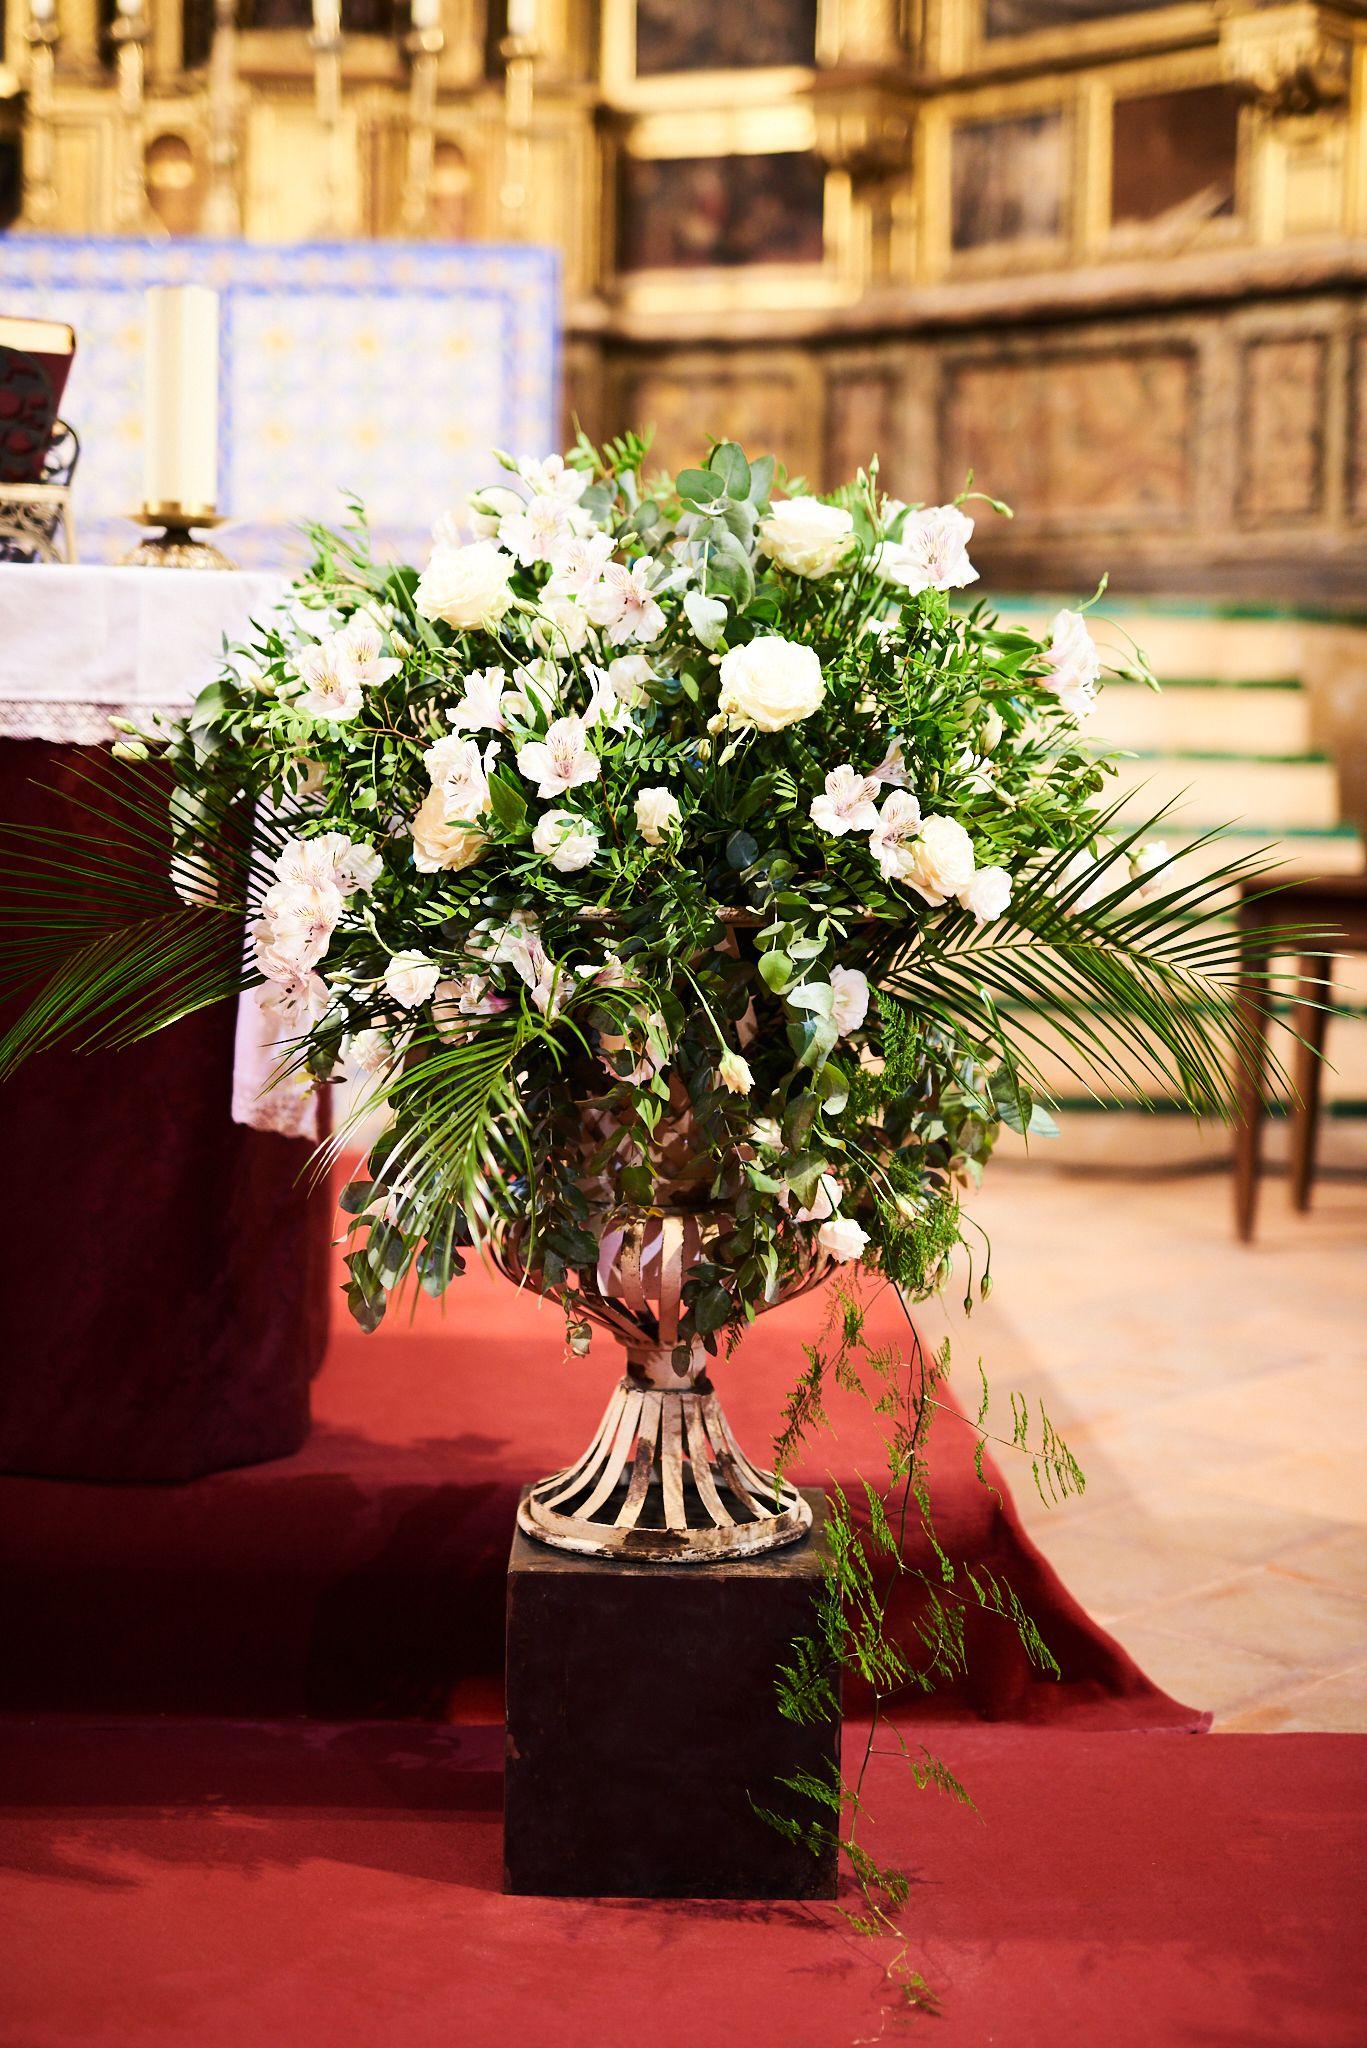 La-22Destination-Wedding22-en-Moguer-de-Lauren-y-JosC3A9-Antonio-JoseAntonio-alejandromarmol0773.jpg